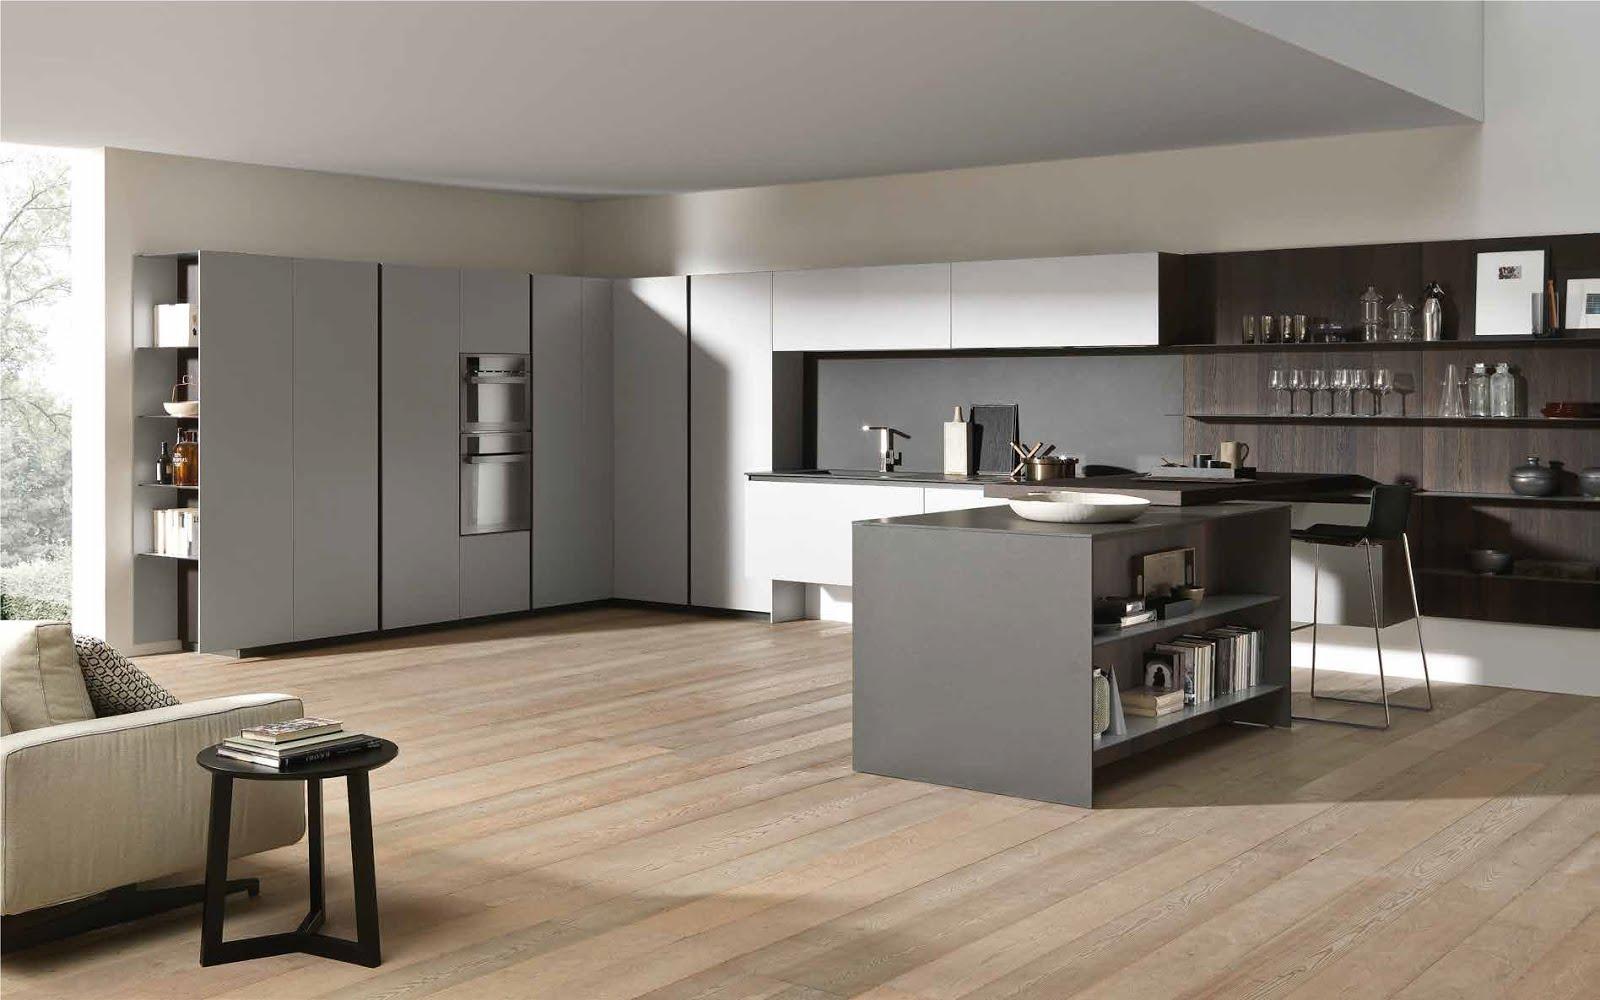 Arredo e Design: Cucina: accessori e meccanismi che fanno la ...